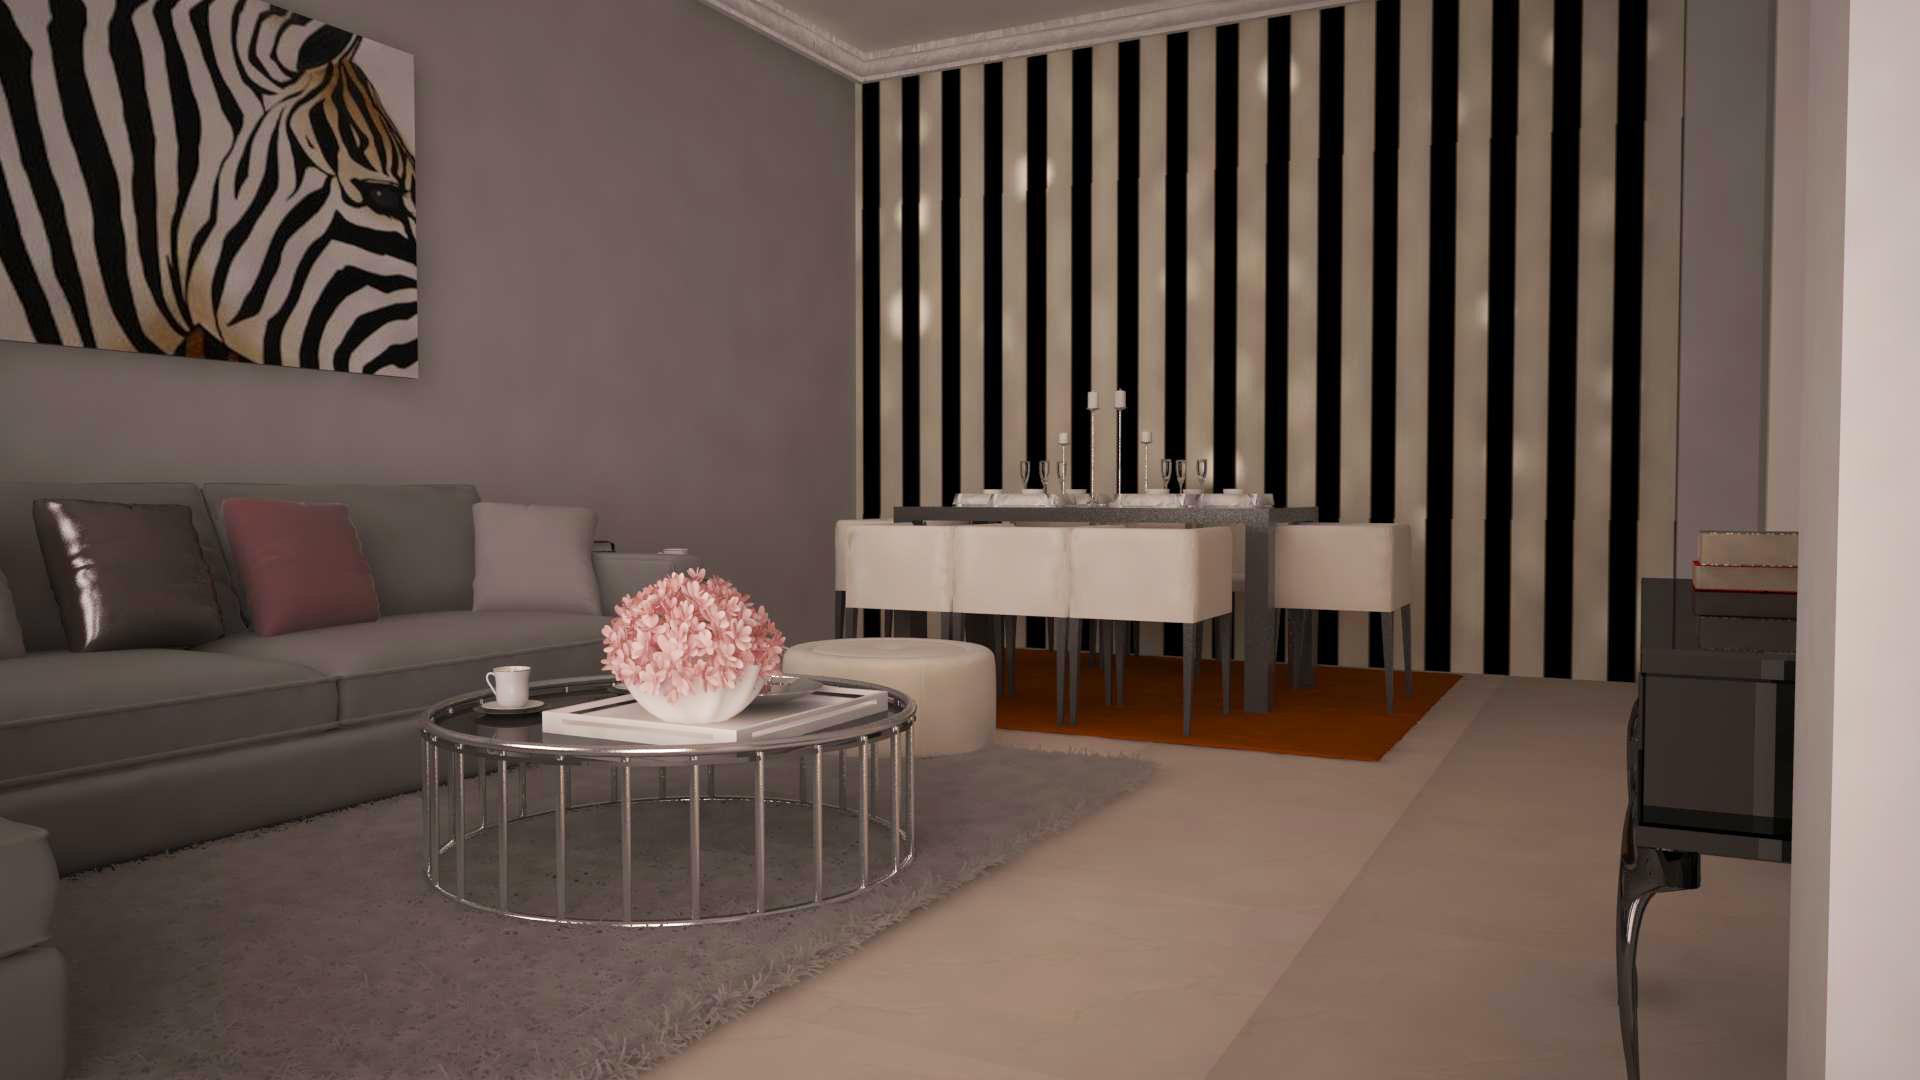 Galer a de dise o de interiores y decoraci n 3dinteriores for Diseno de interiores y marketing